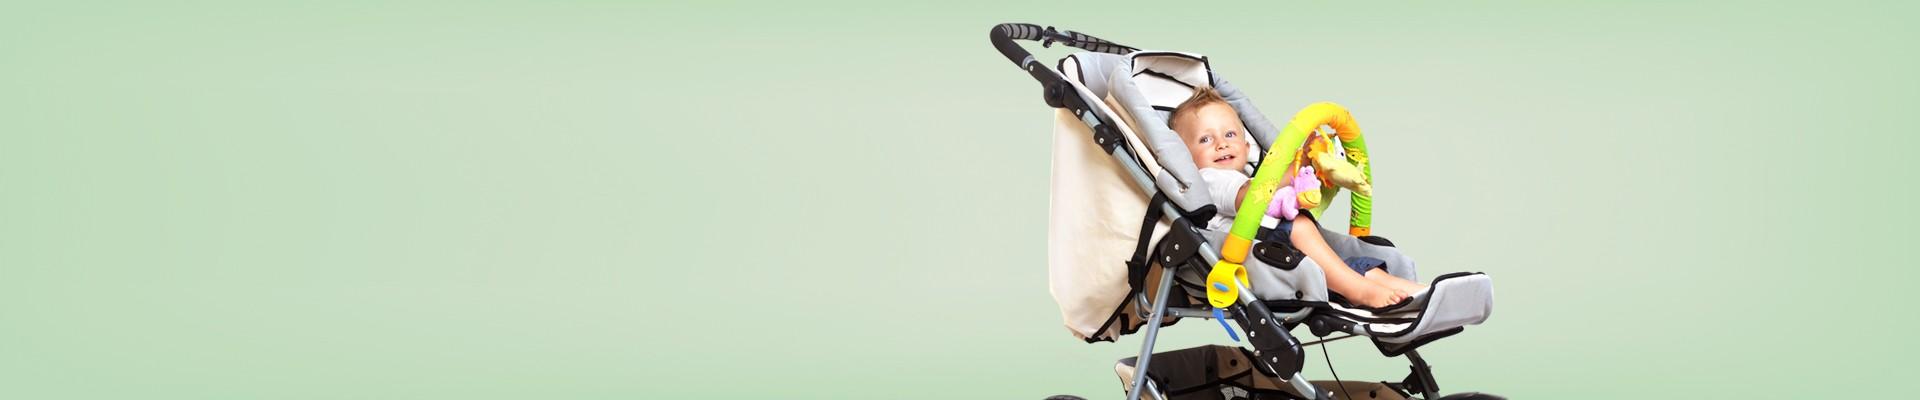 Jual Stroller Bayi Merk Terbaik & Berkualitas